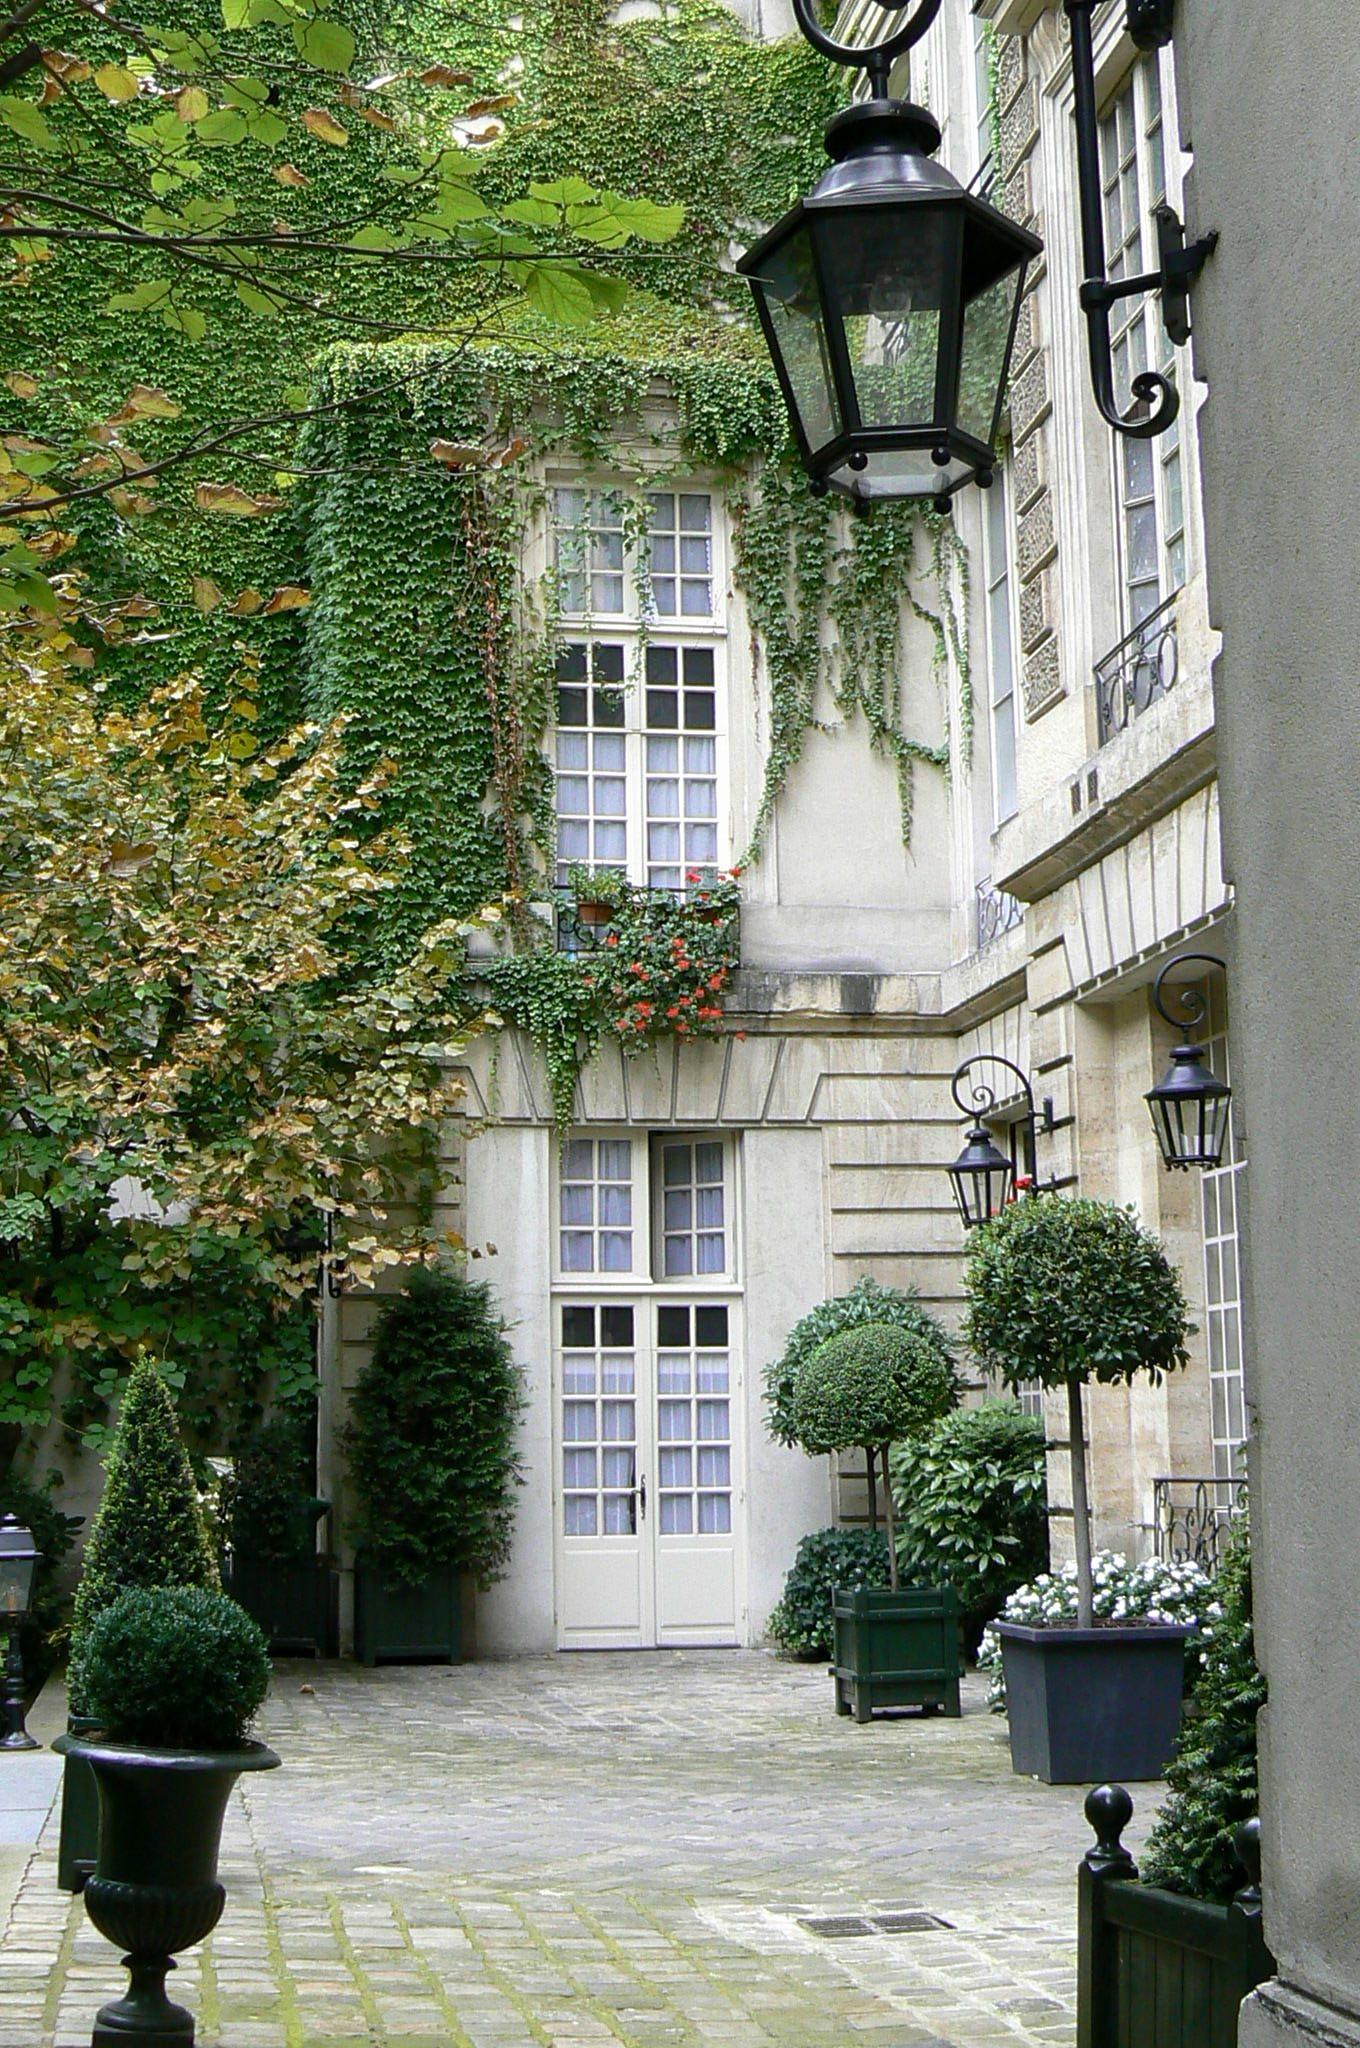 Logiciel Gratuit Paysagiste Impressionnant Image Jardin De Reve Paysagiste De Beau Logiciel Jardin Unique Au Jardin